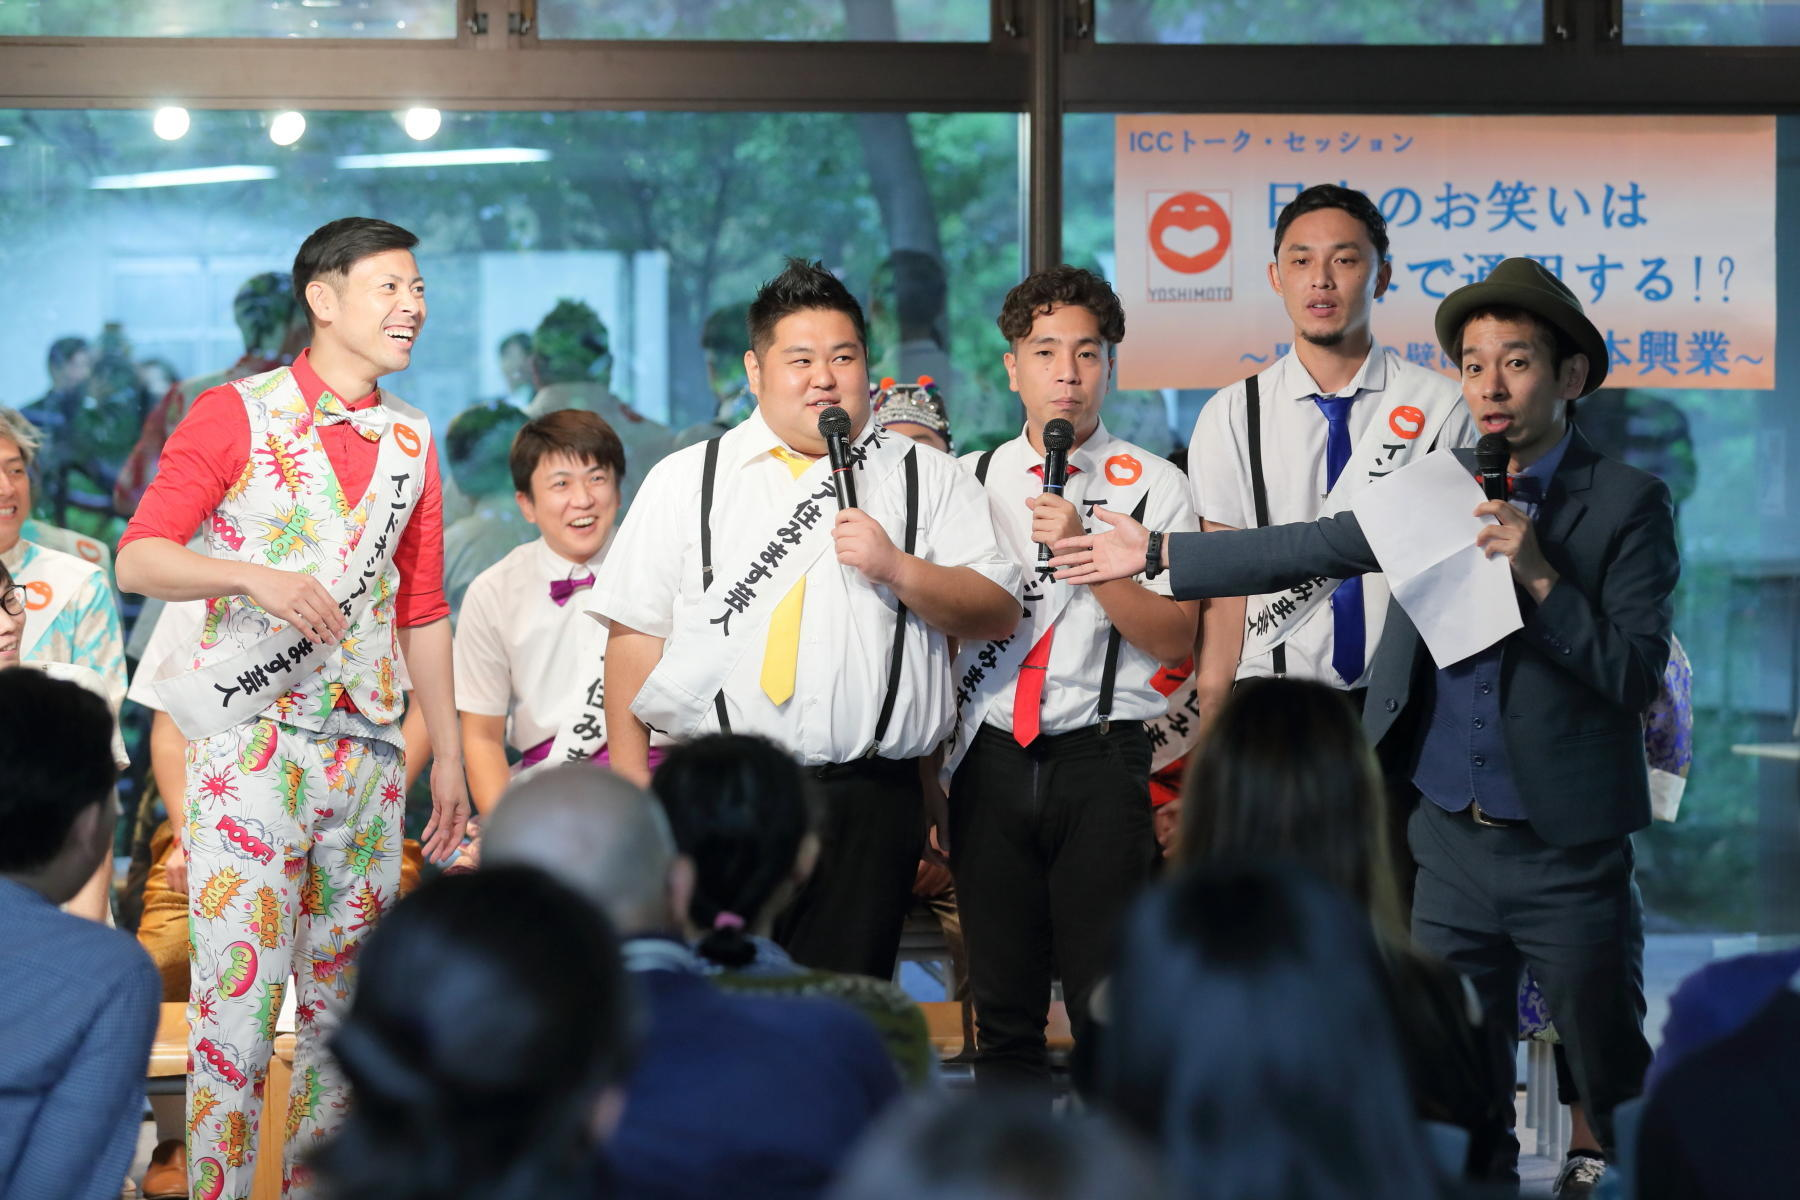 http://news.yoshimoto.co.jp/20180502054131-ea70553b09f7ec114ac2bd005b08ab1986be4267.jpg